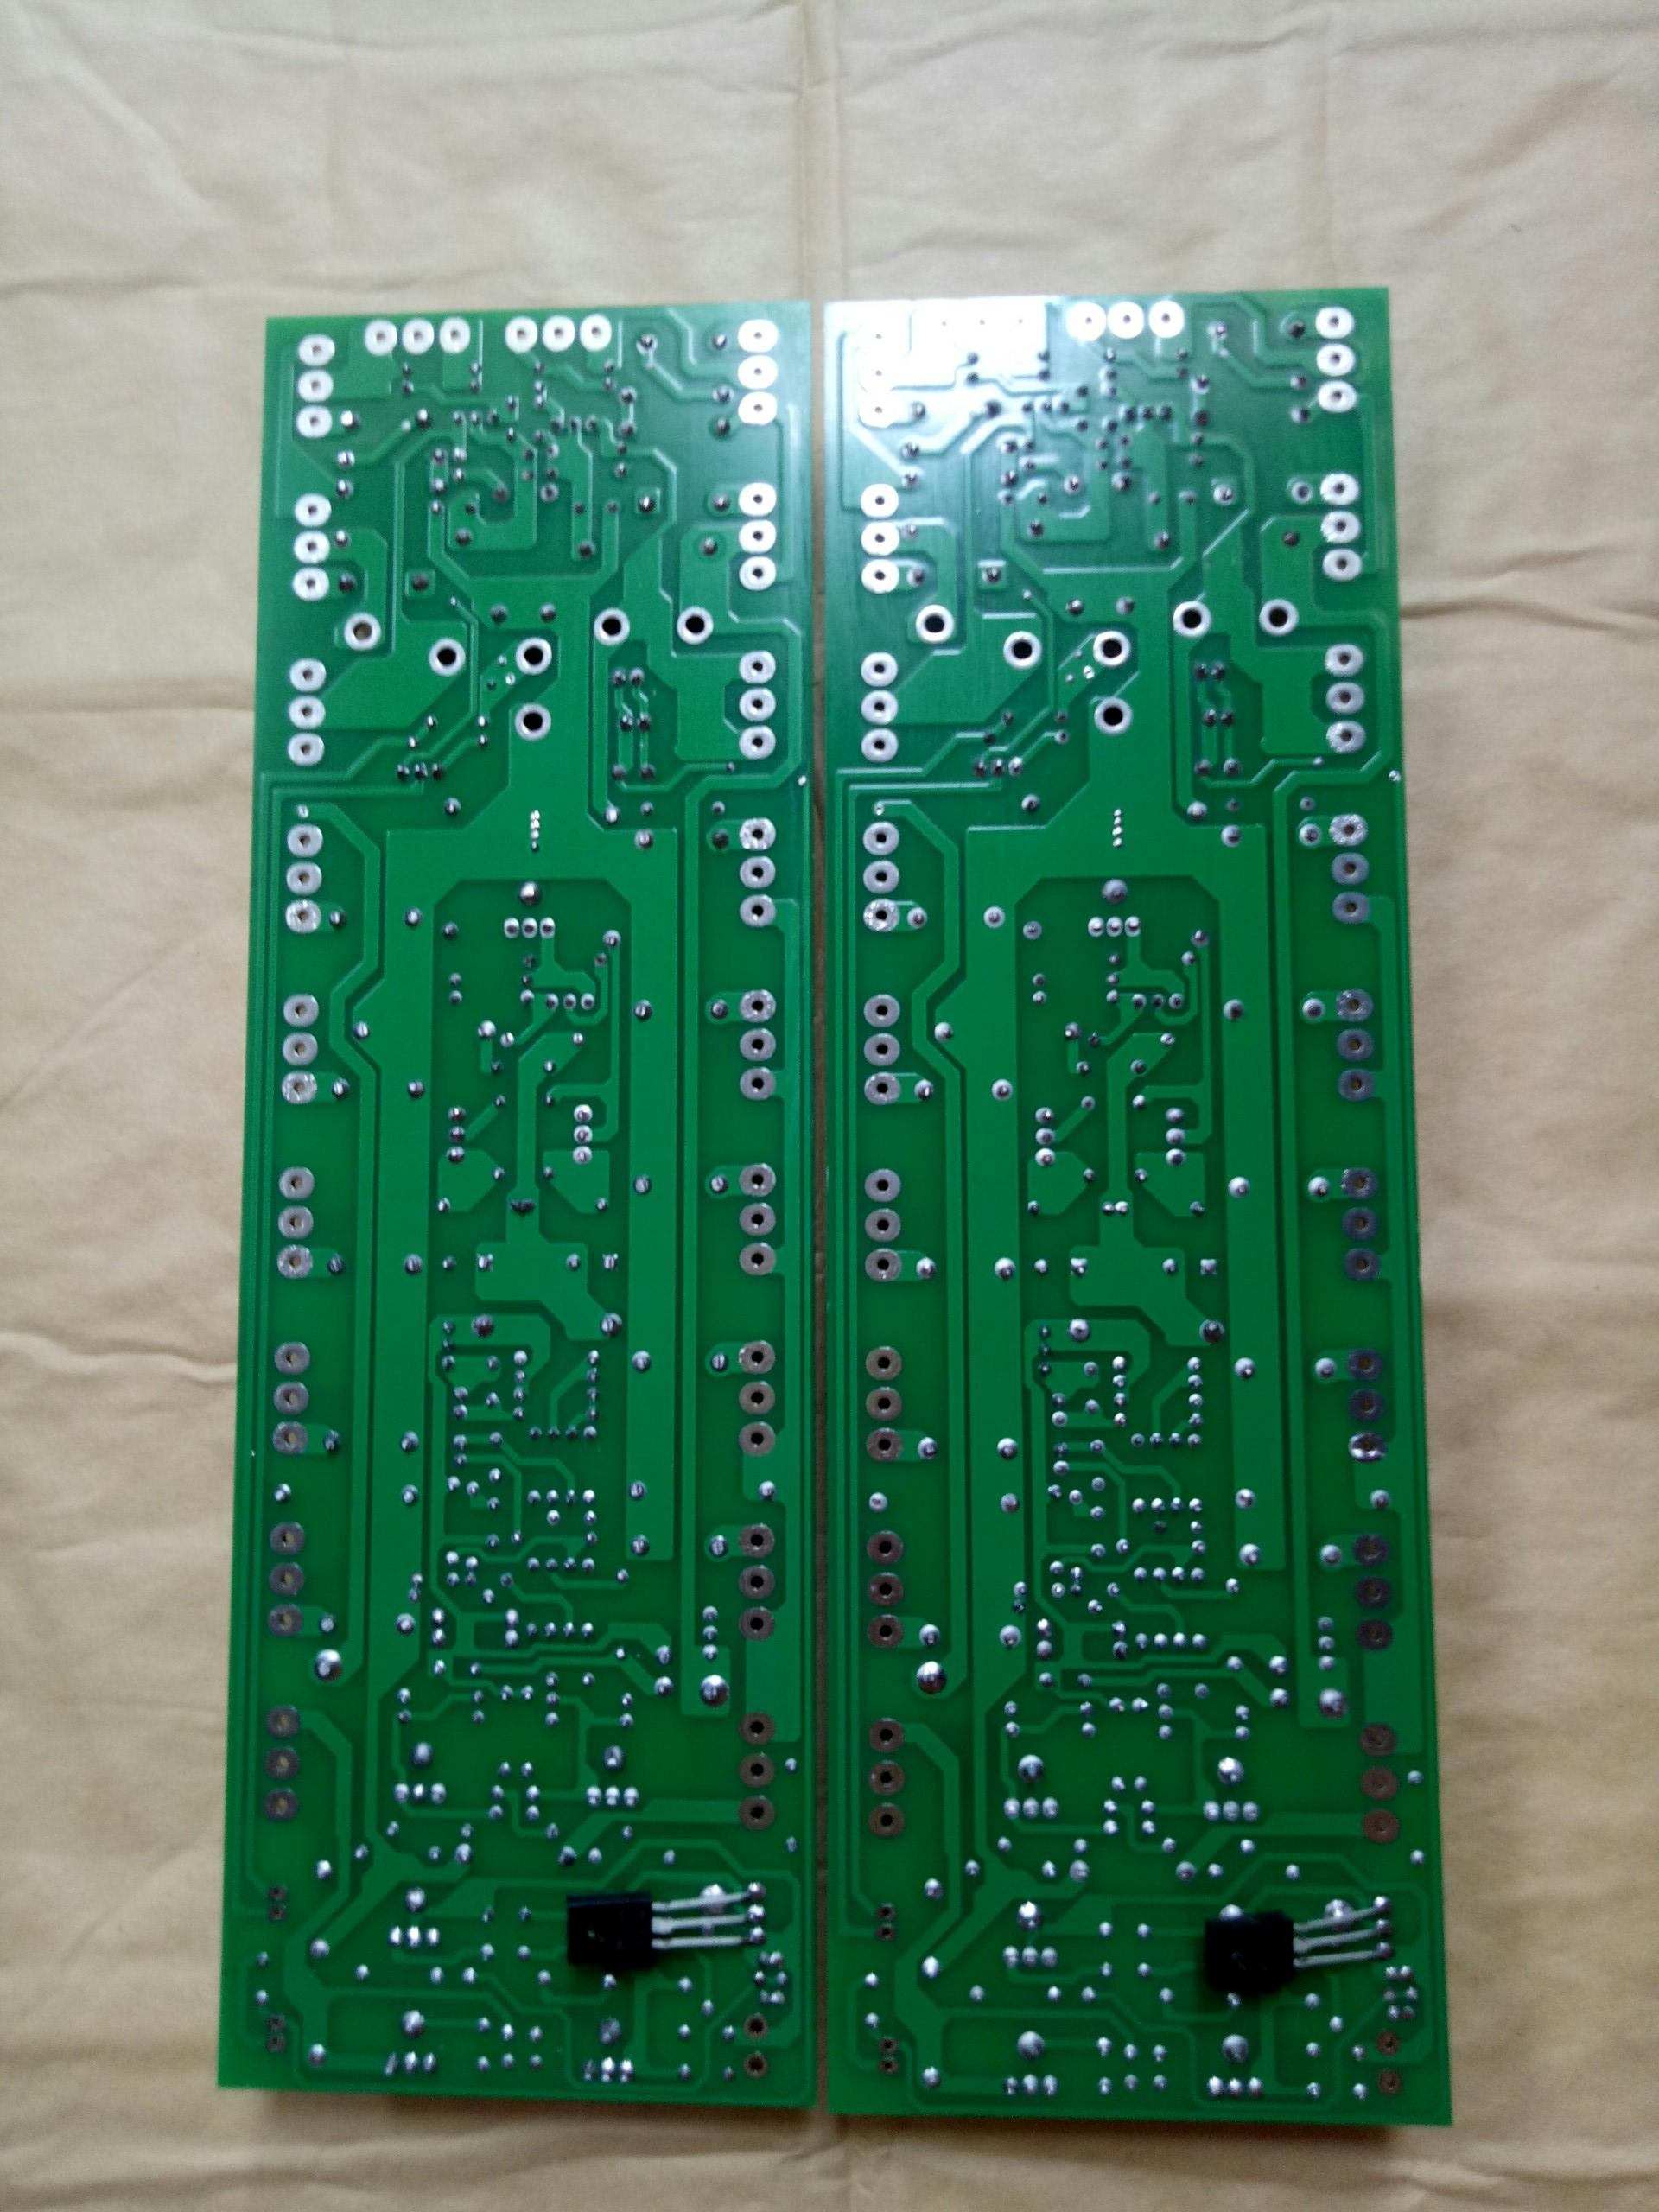 Mạch công suất cục đẩy LA800 1300W 1 kênh có bù áp 1 cặp